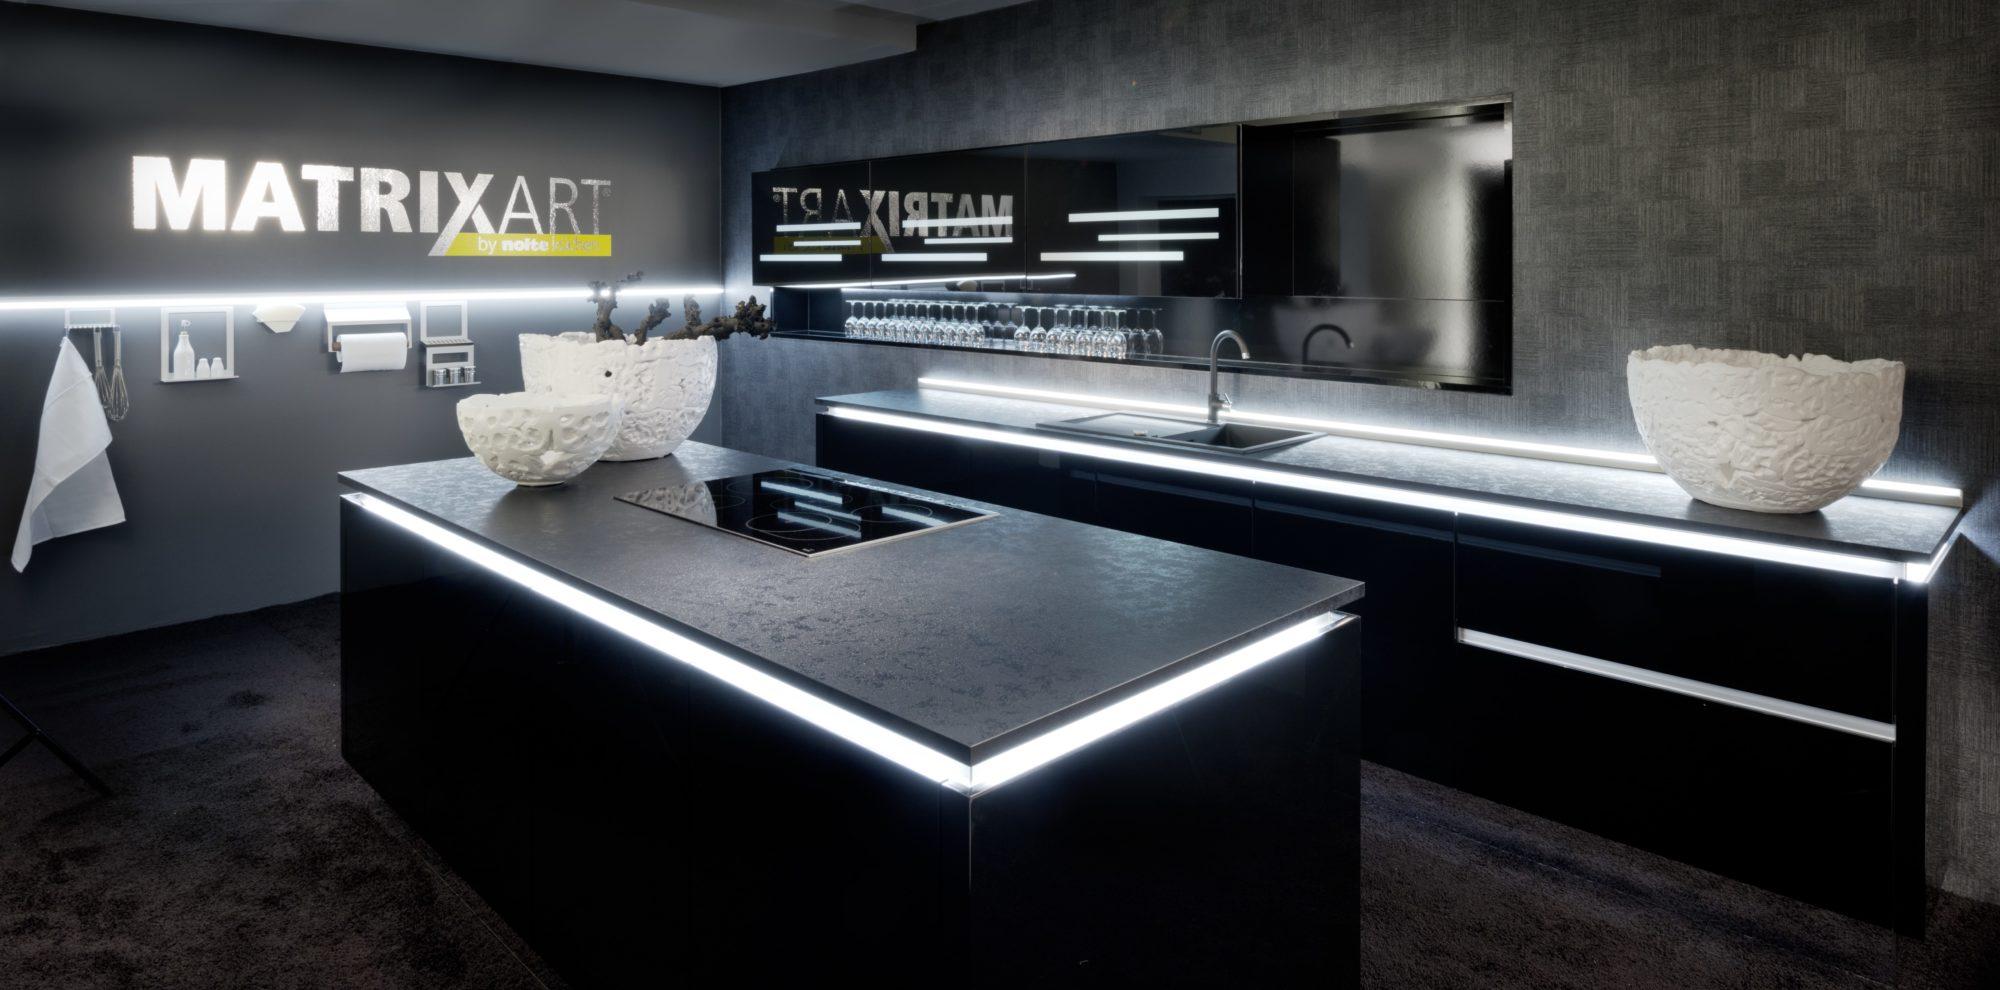 kuchnie nowoczesne nolte kuchnie. Black Bedroom Furniture Sets. Home Design Ideas